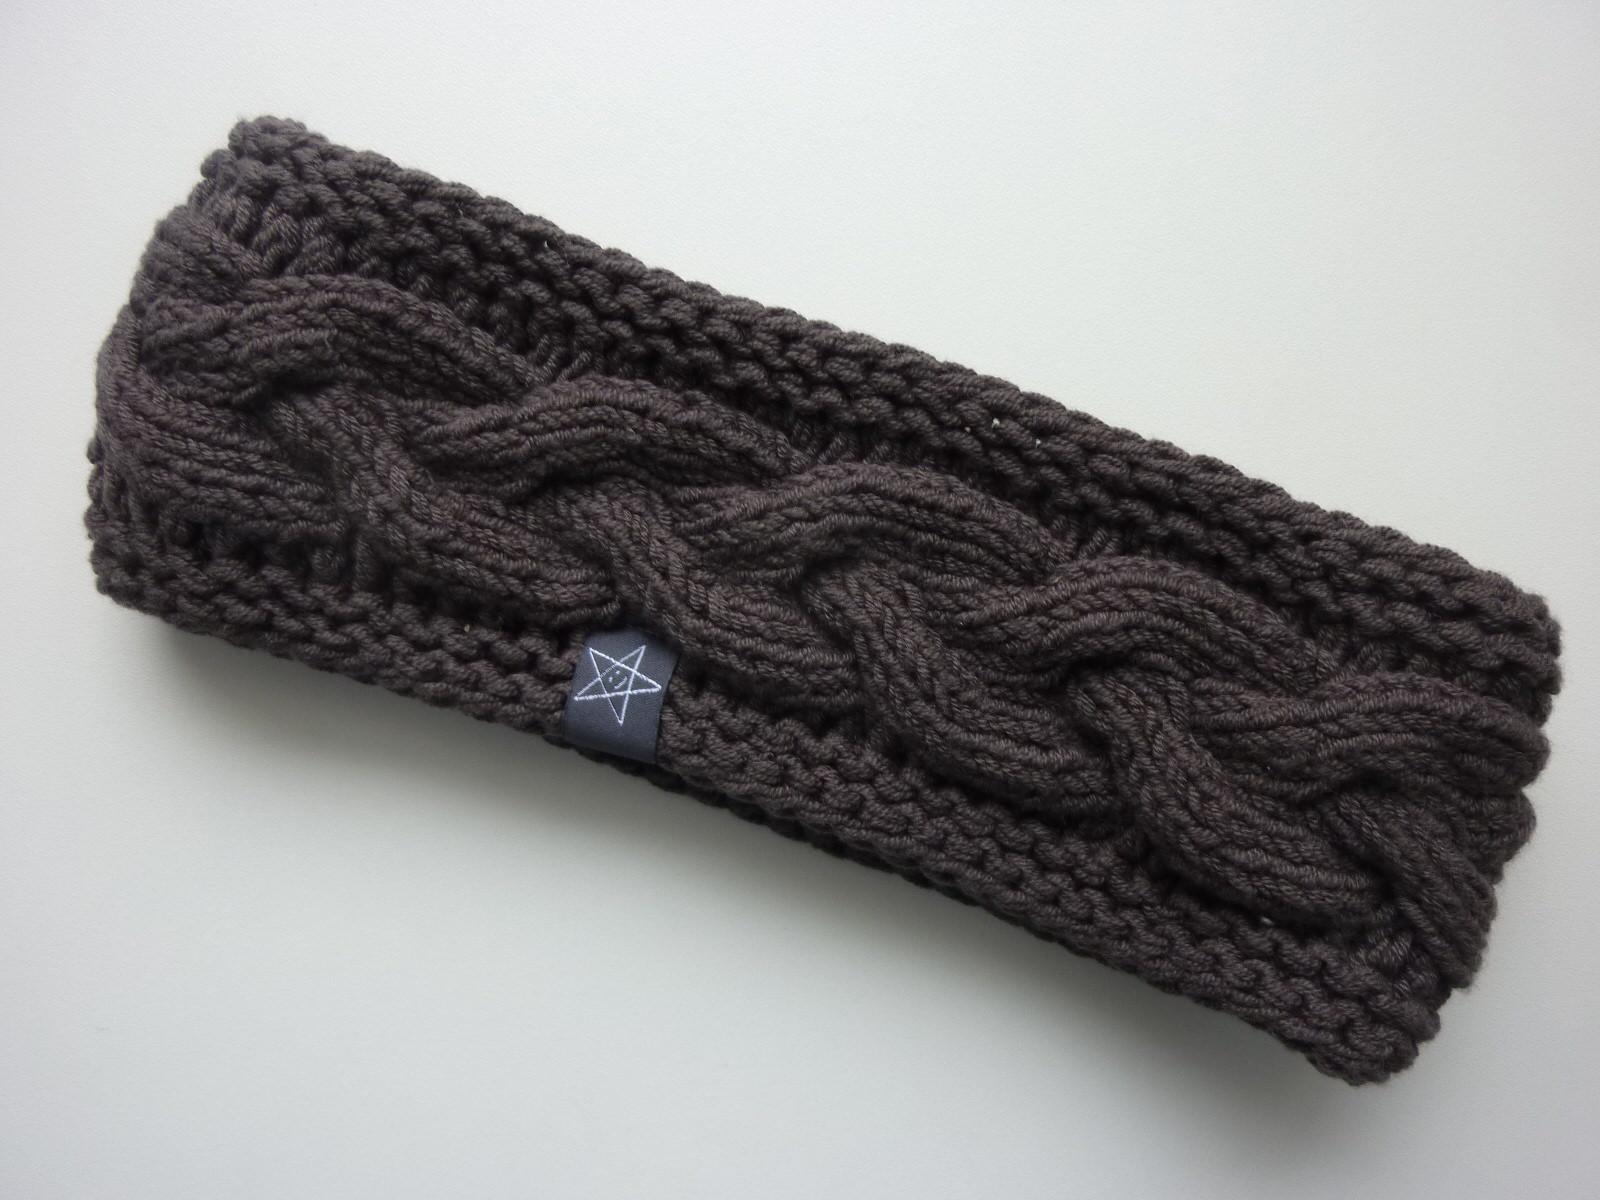 - gefüttertes Stirnband in schieferbraun aus Baumwolle handgestrickt - gefüttertes Stirnband in schieferbraun aus Baumwolle handgestrickt